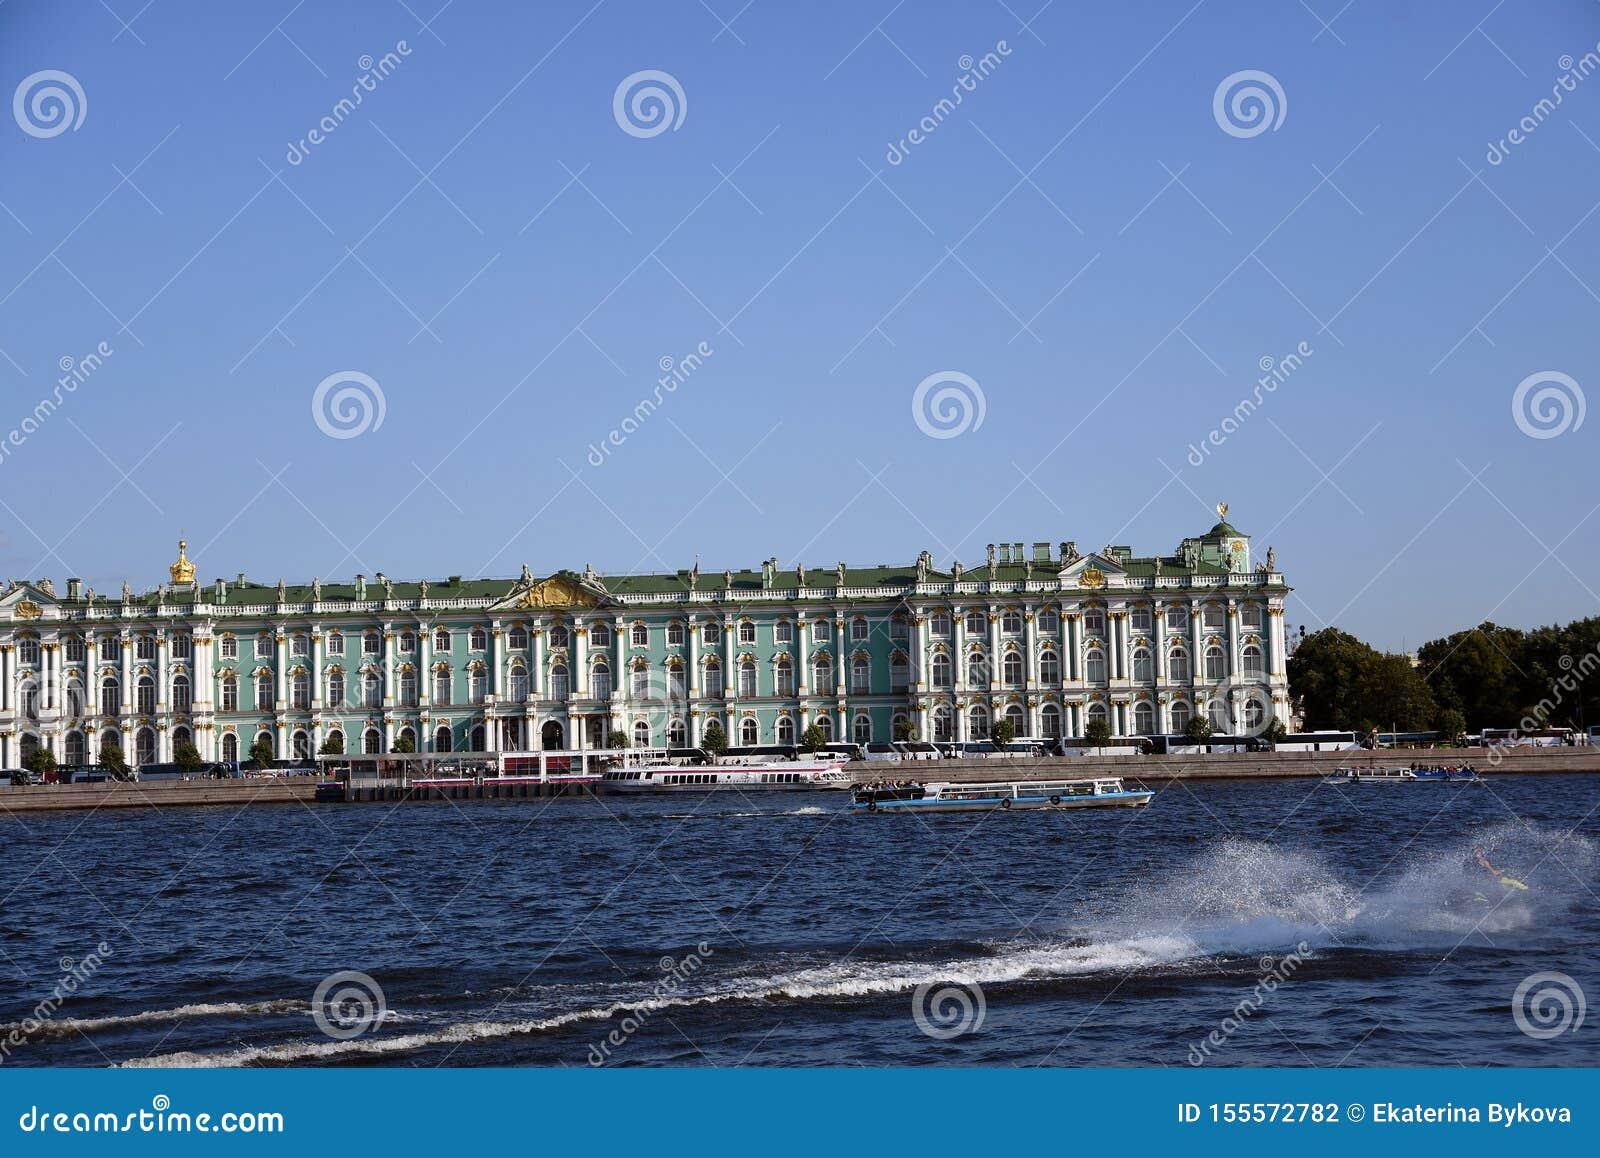 Pal?cio do inverno do museu de eremit?rio em St Petersburg, R?ssia